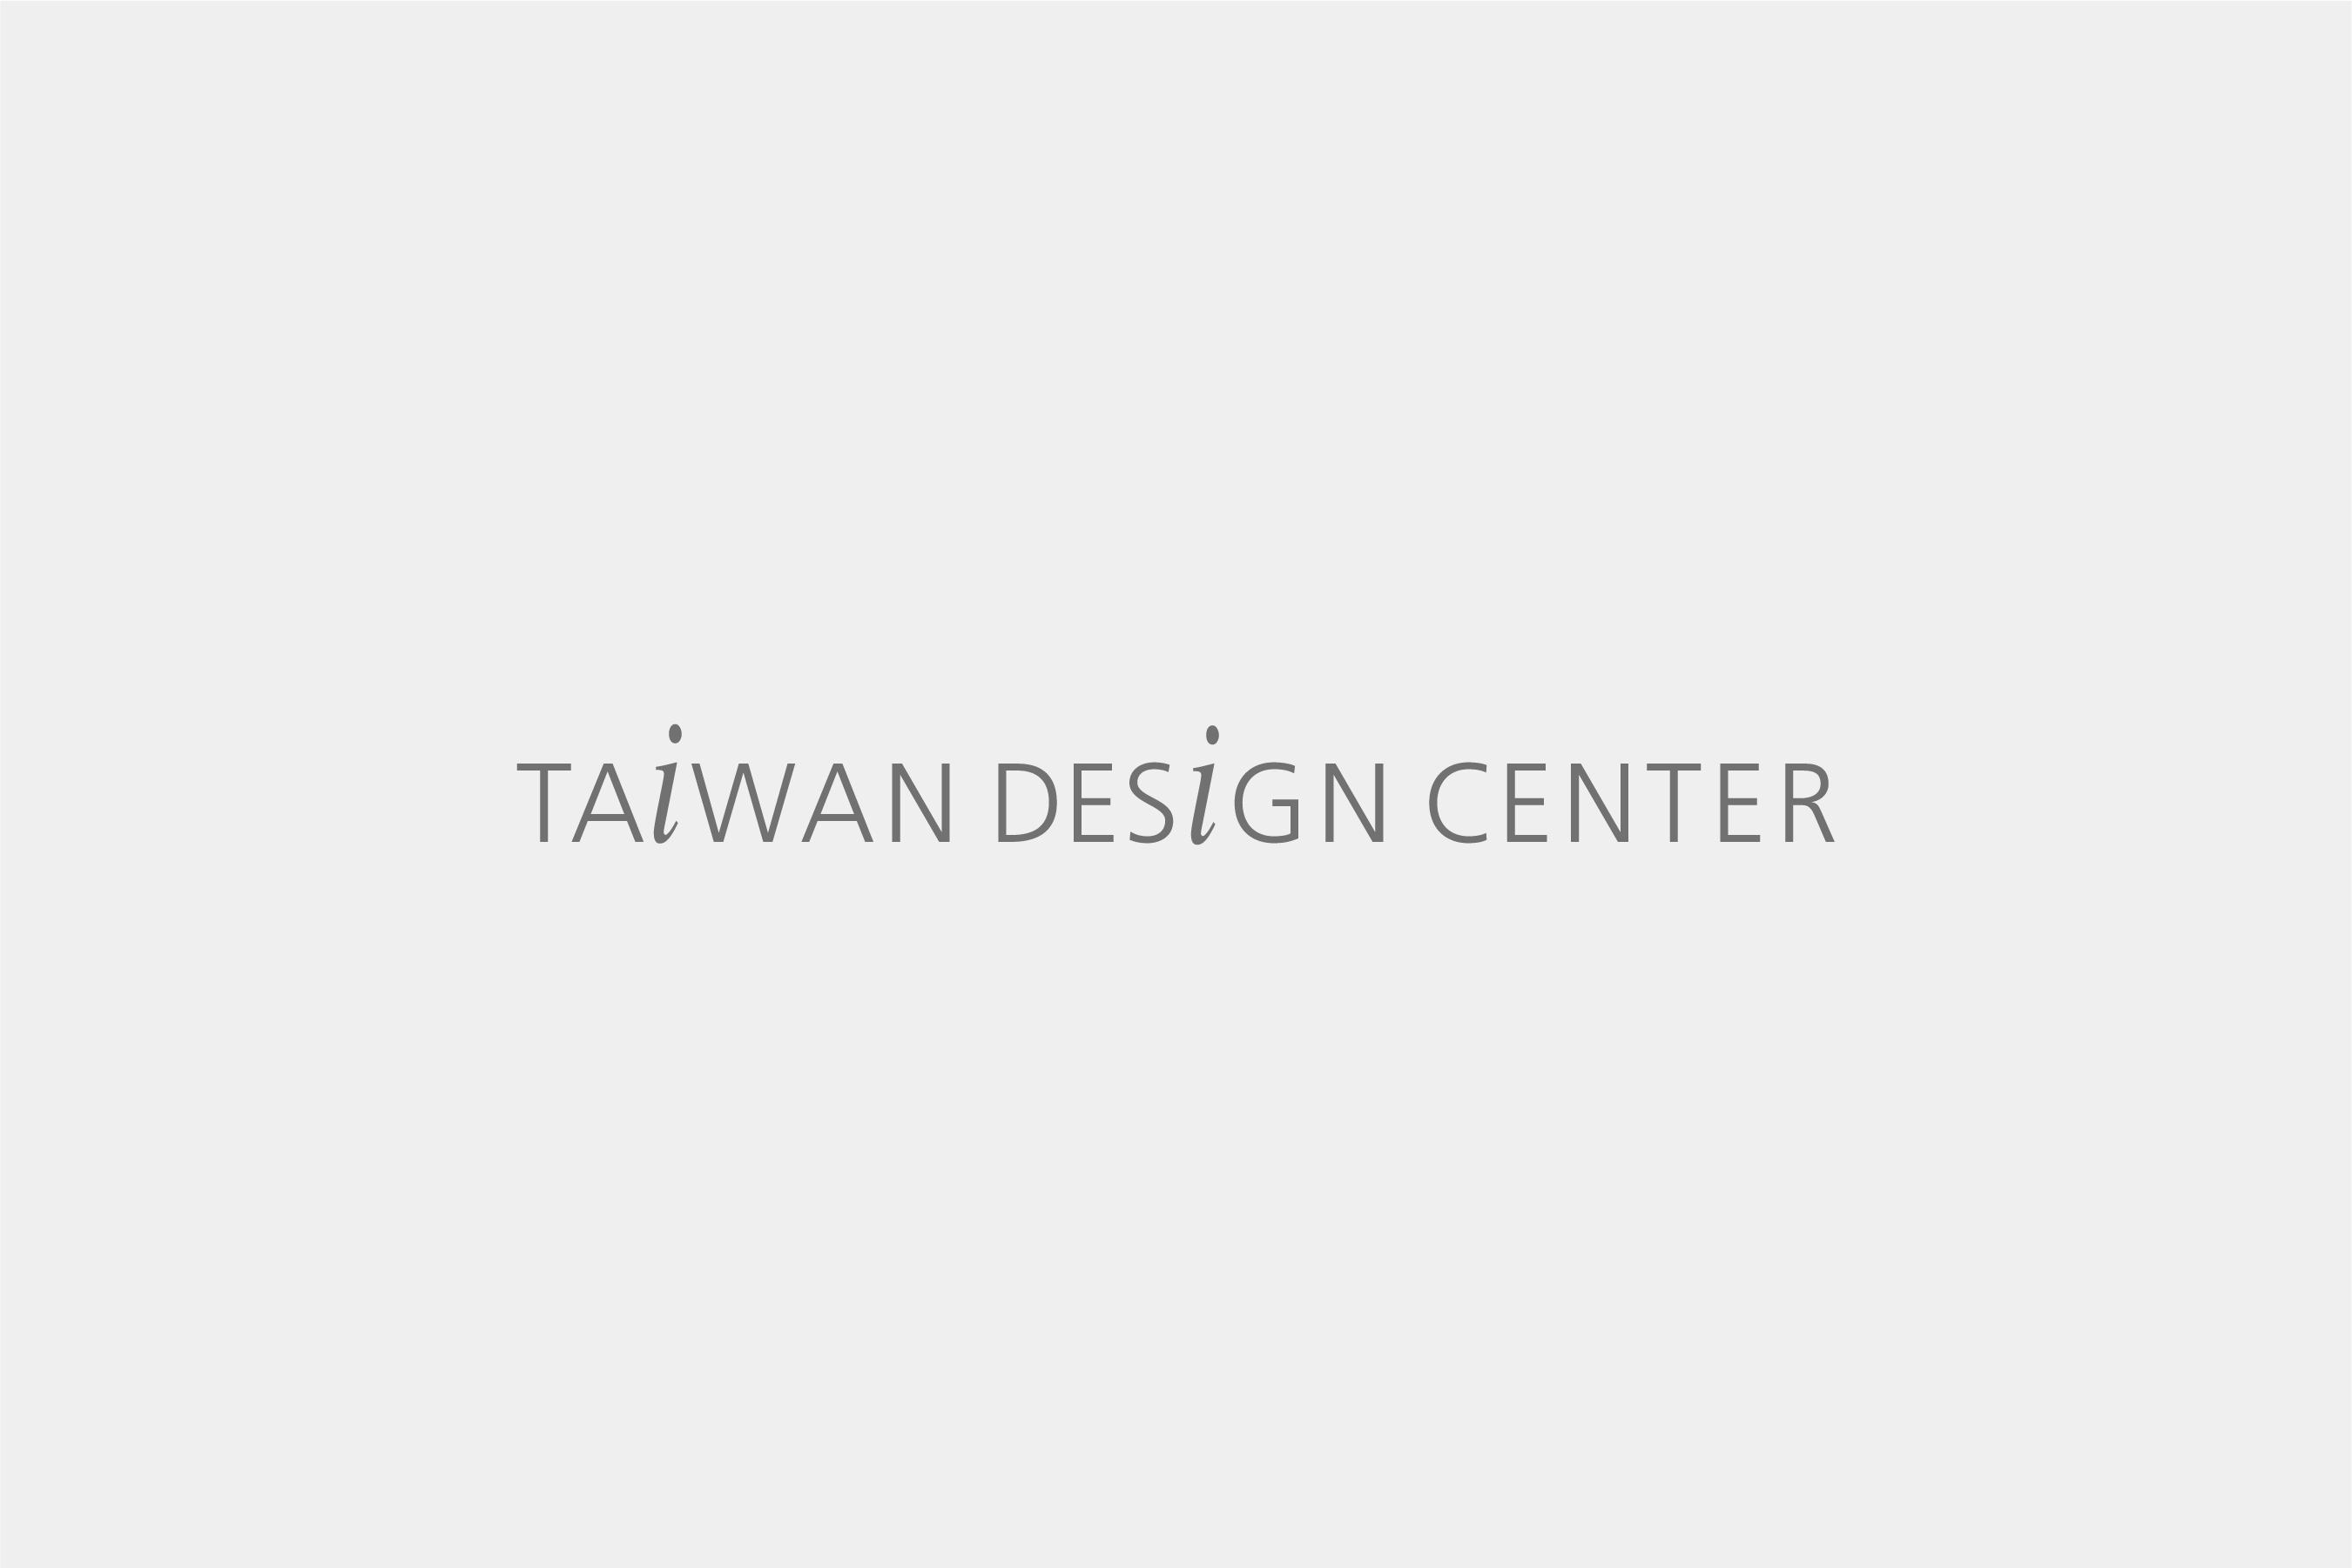 106年台灣創意設計中心第1次新進人員甄選報名